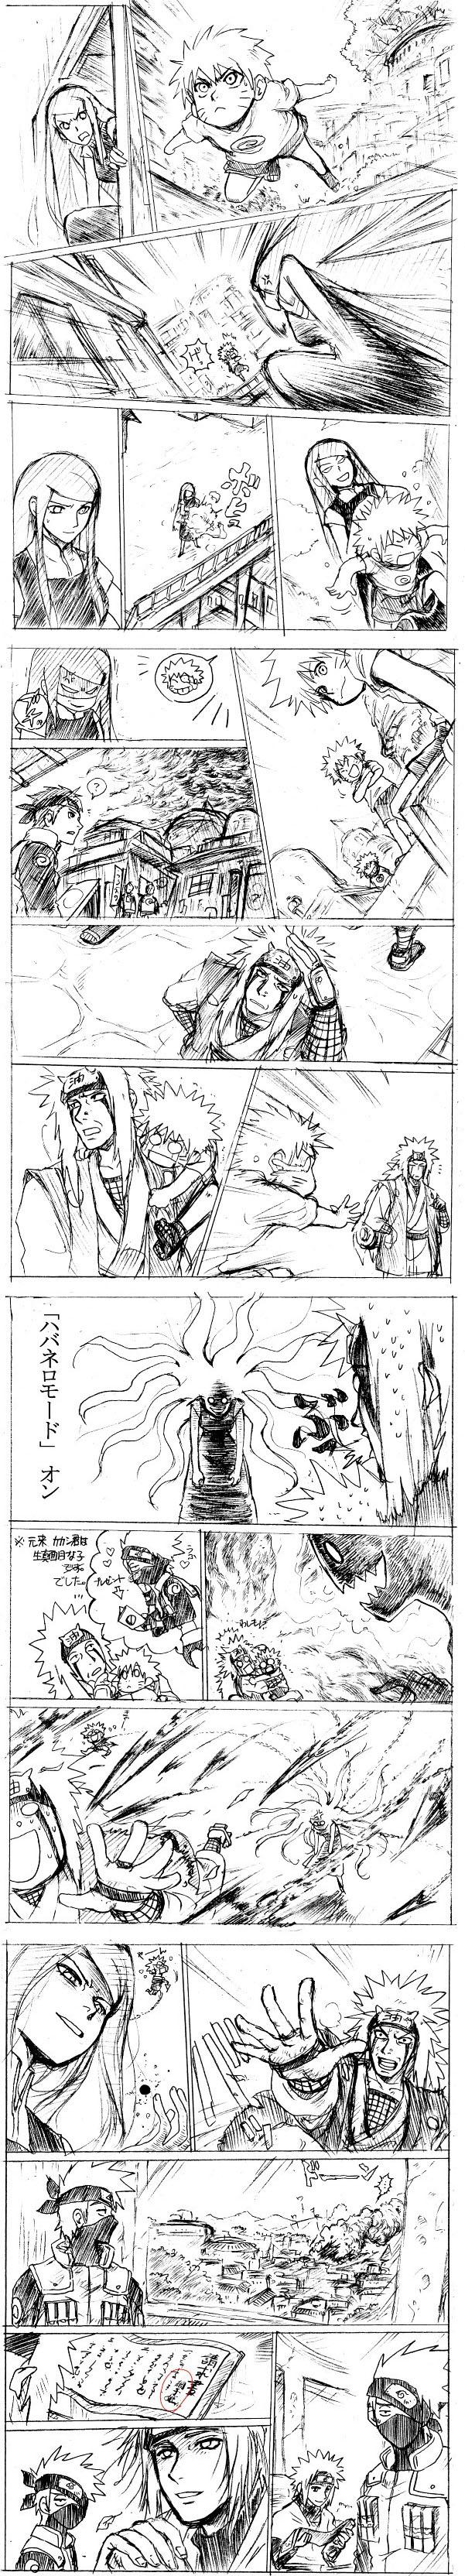 Naruto-wallpaper-wp440507